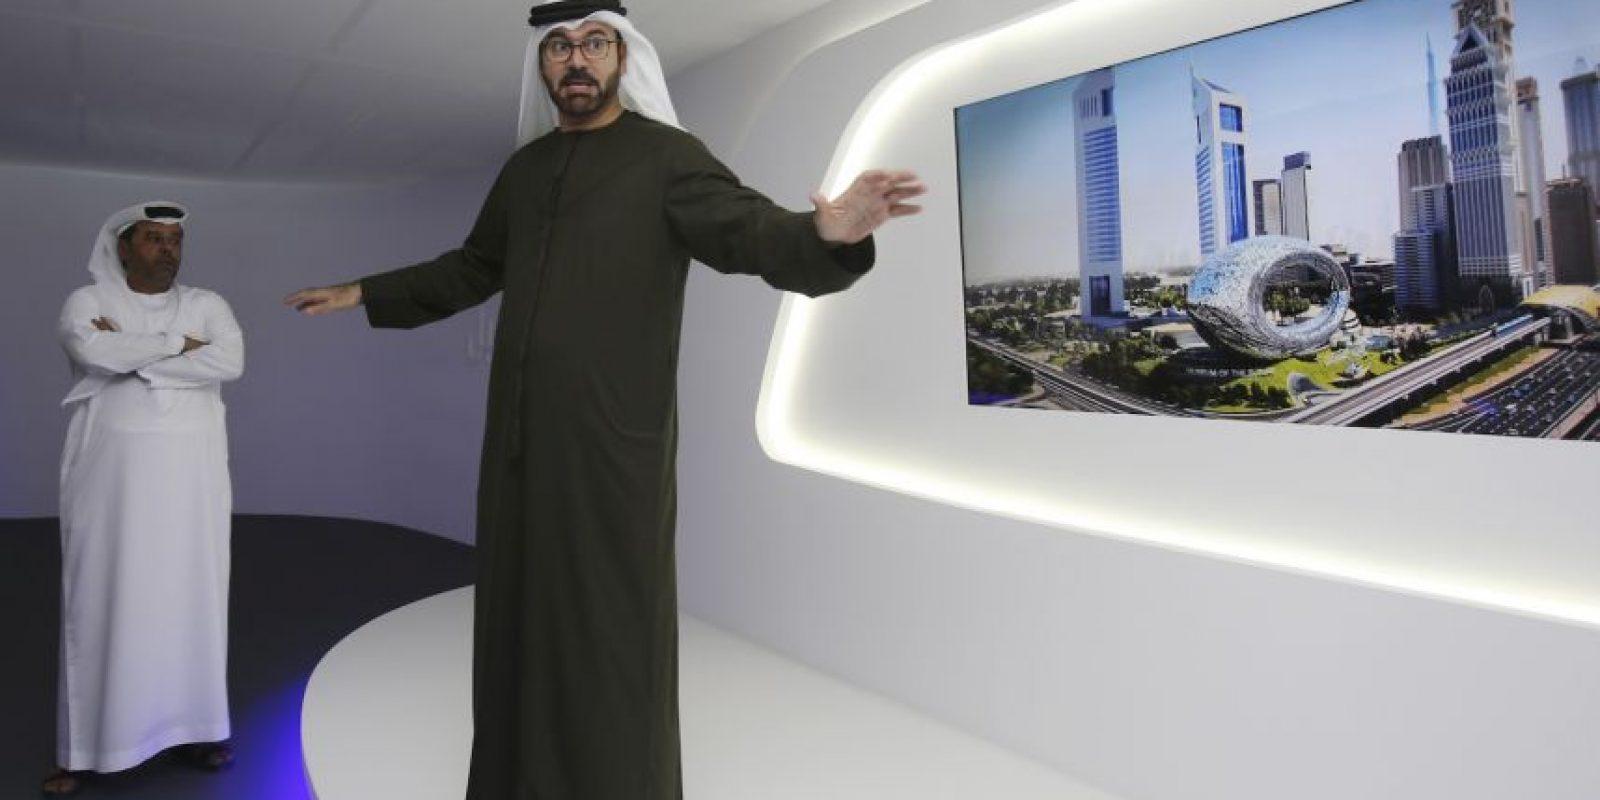 Los árabes invertirán millones de dólares en esta construcción. Foto:AP